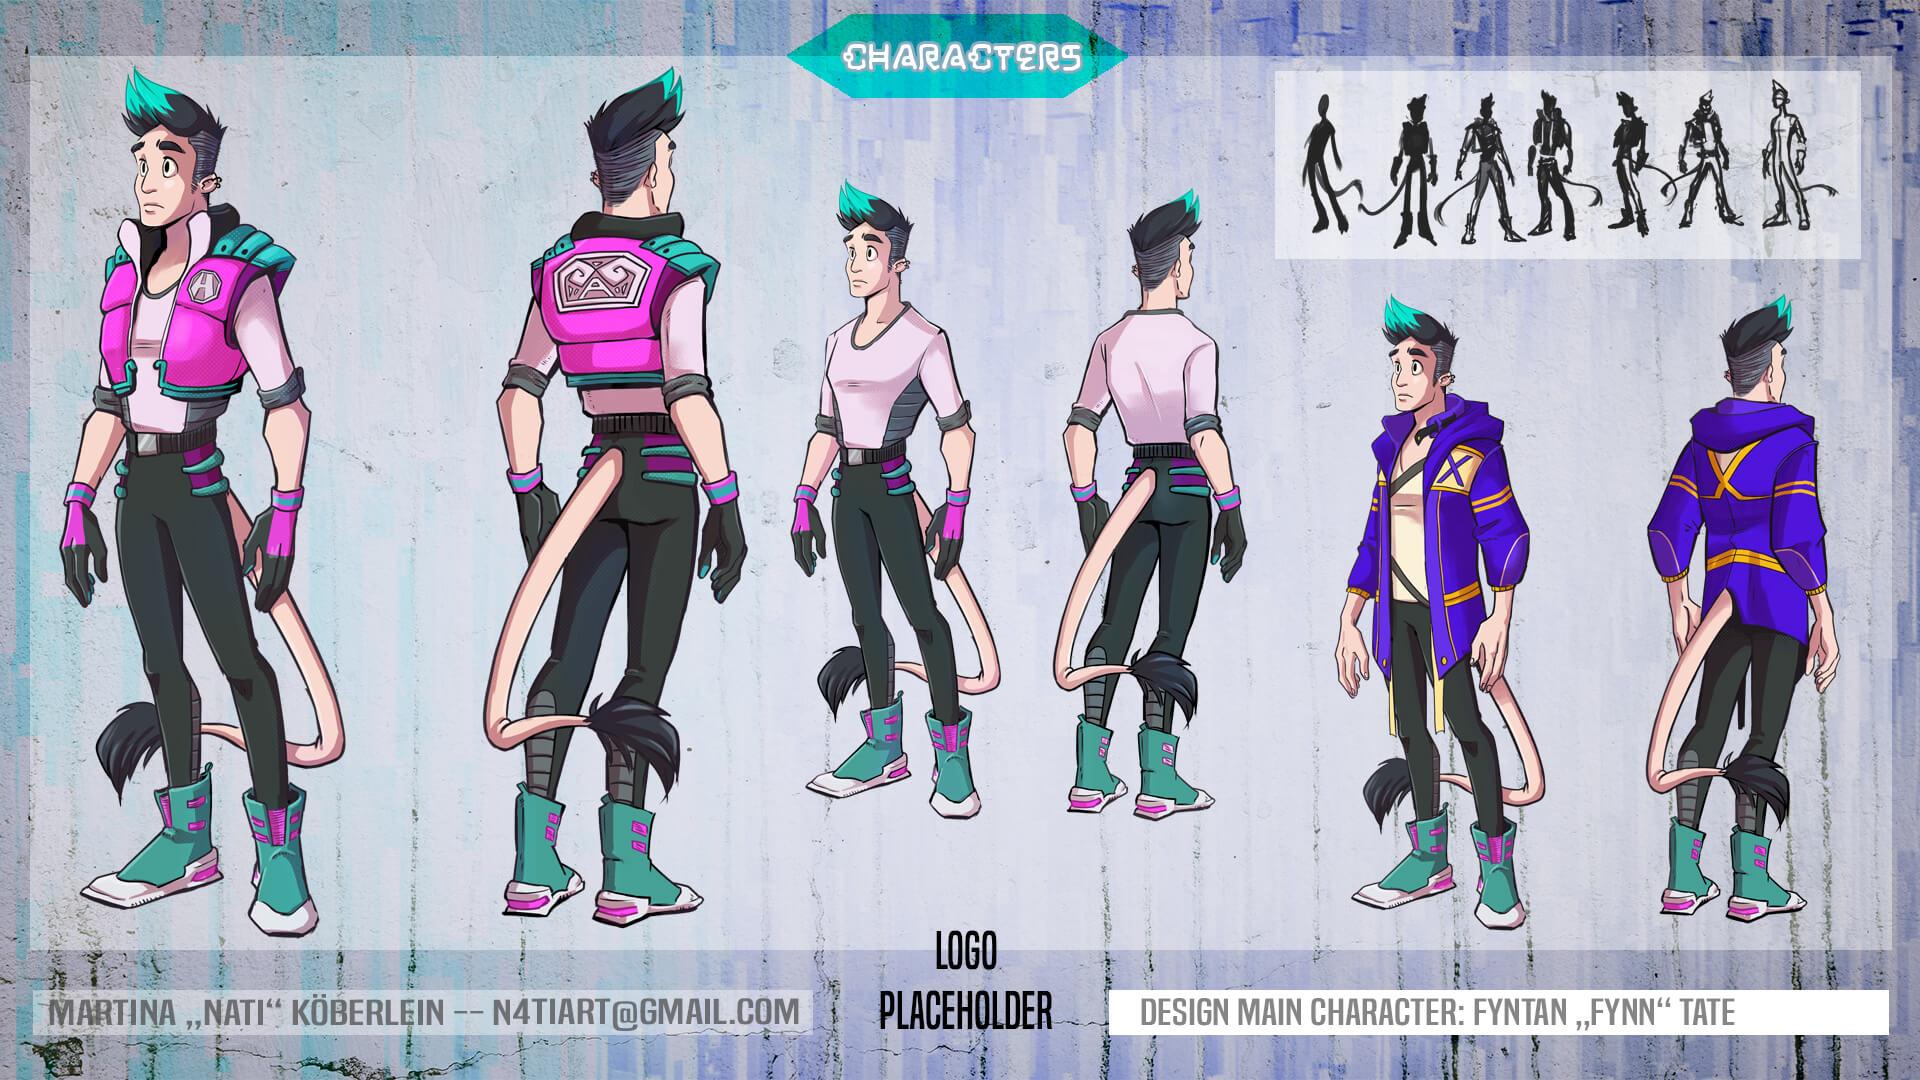 Fynn Character Sheet VANAS Concept Art